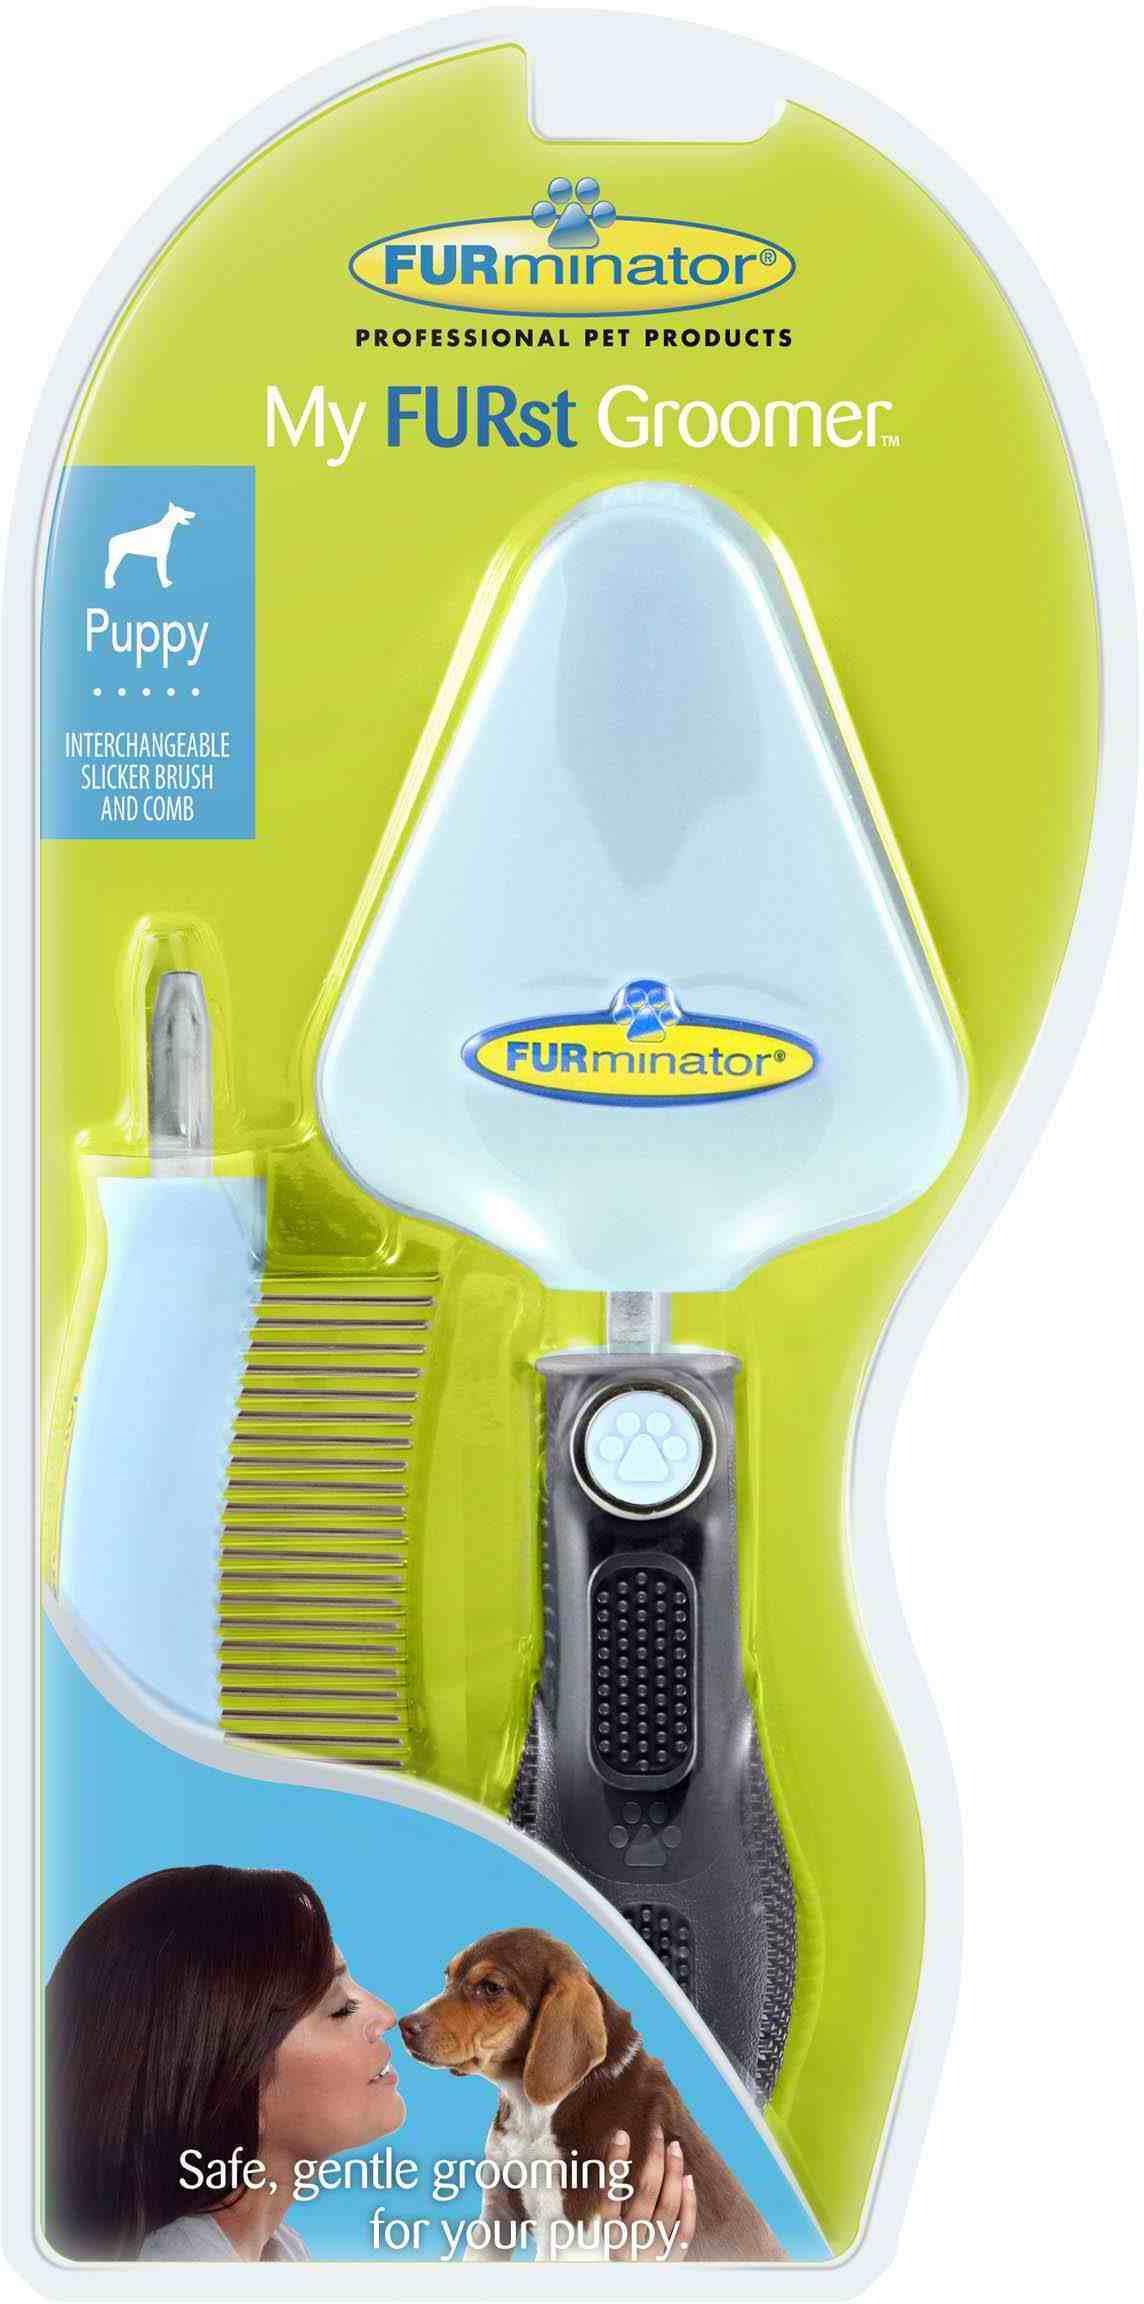 Набор FURminator My FURst Groomer сликер + расческа для щенка